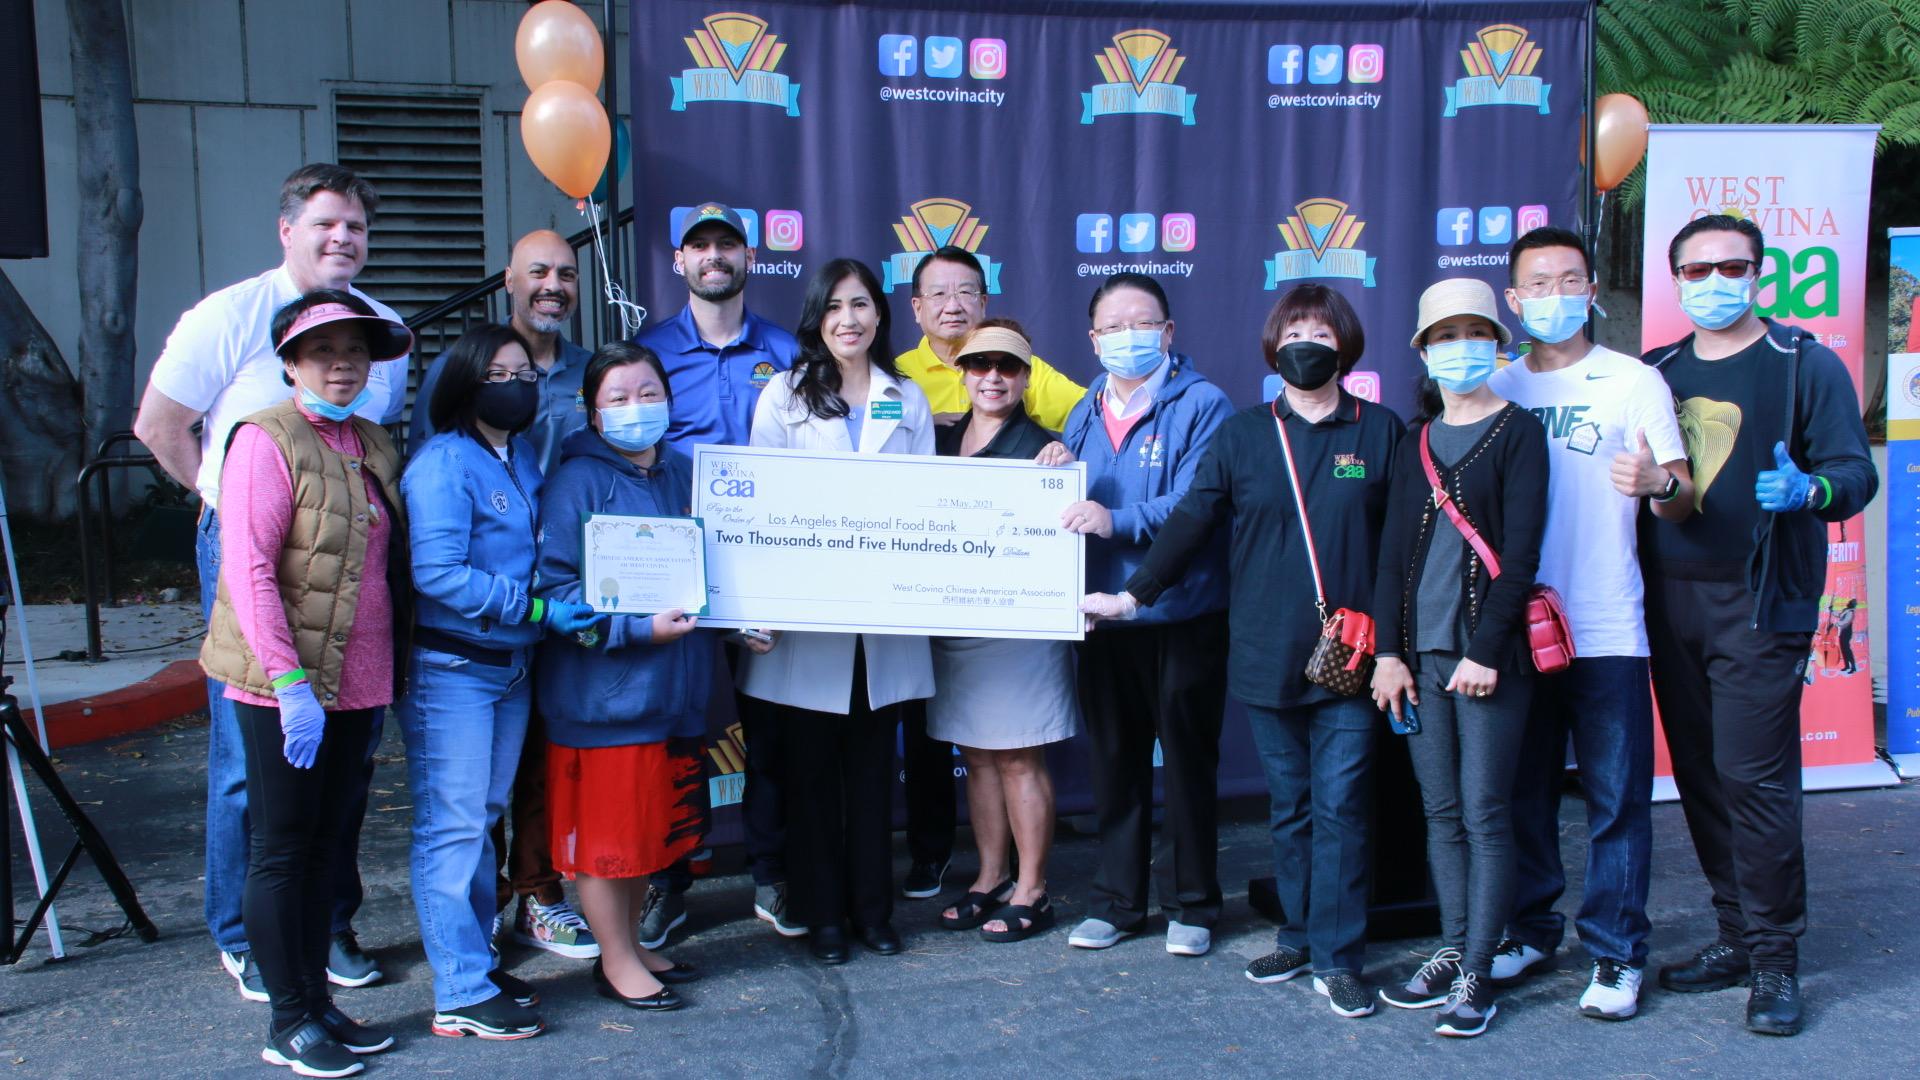 南加州西科汶纳华人协会爱心回馈小区 向洛杉矶FOOD BANK捐款